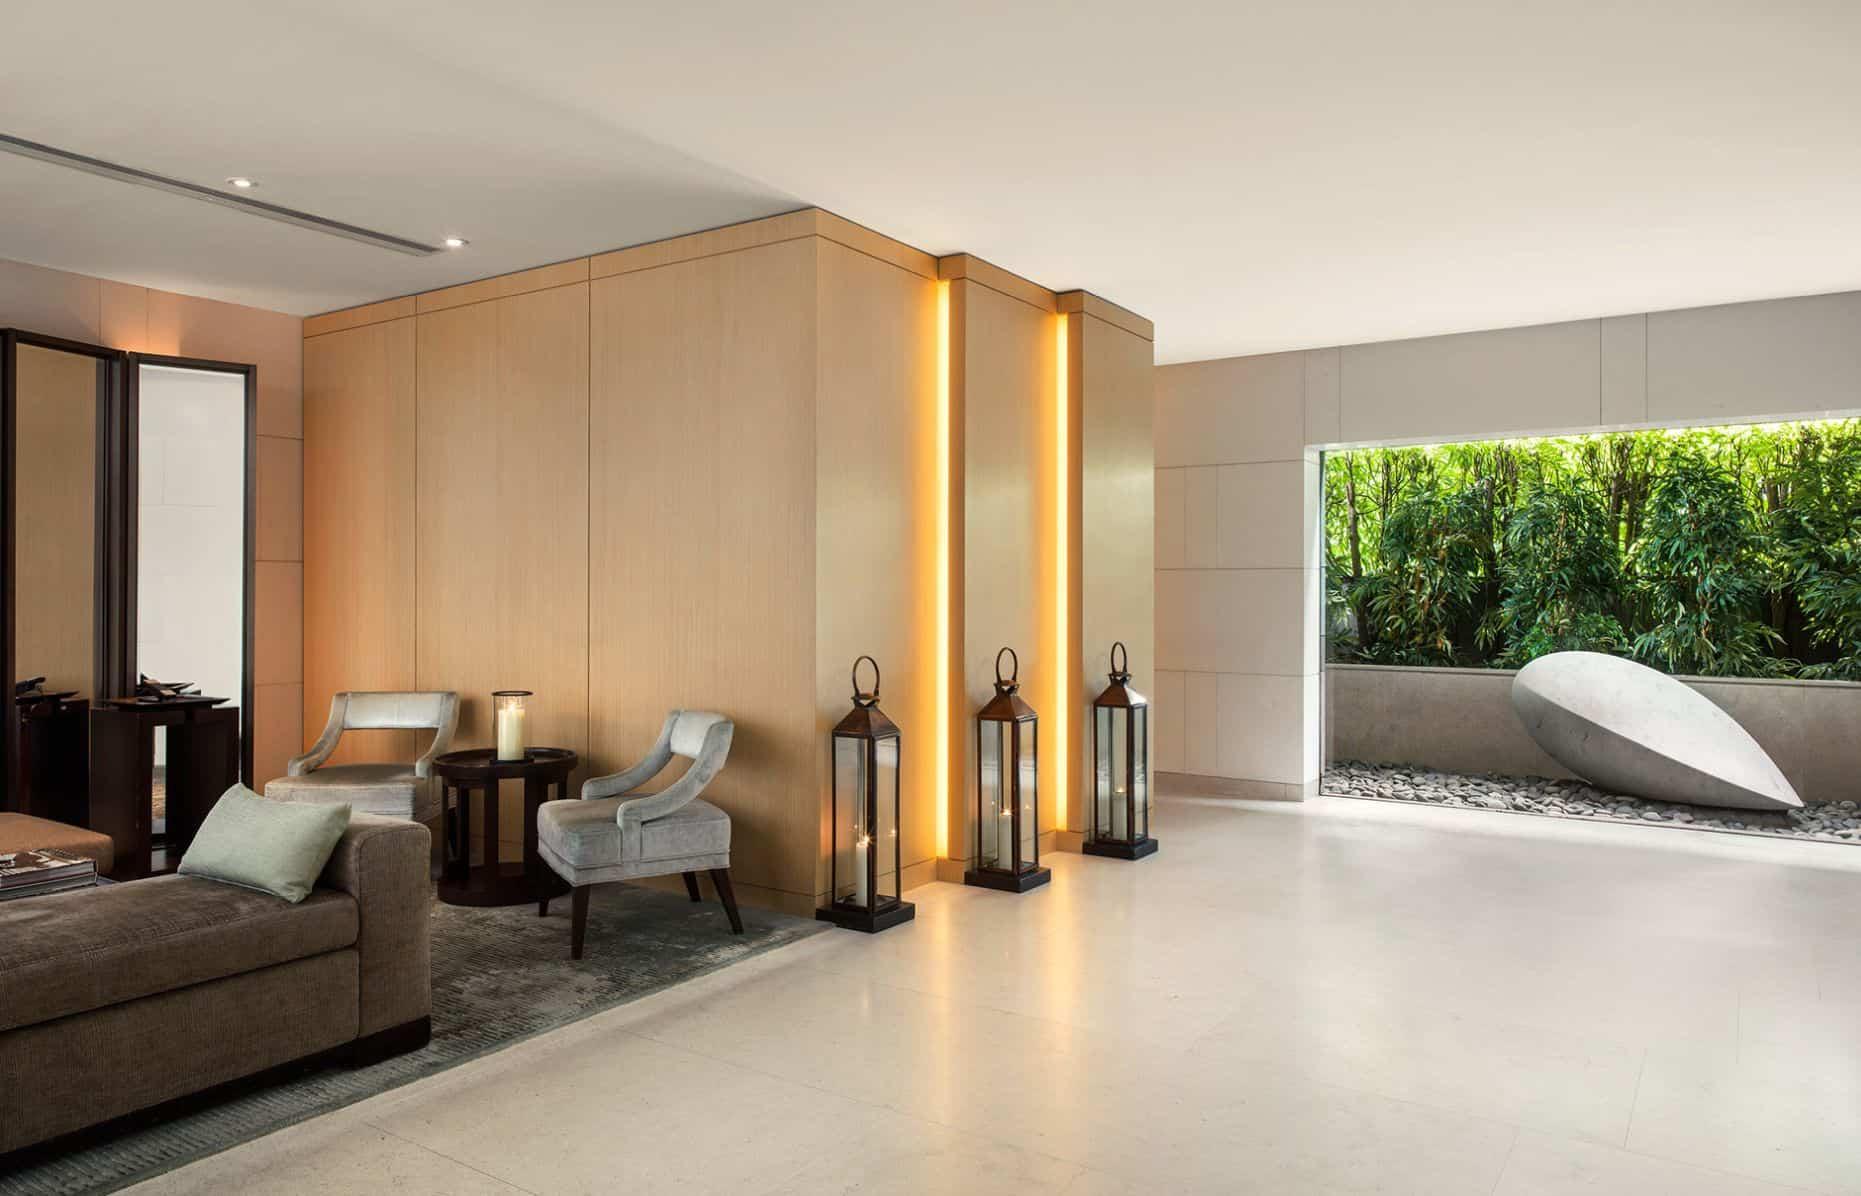 The Upper House Hong Kong Design